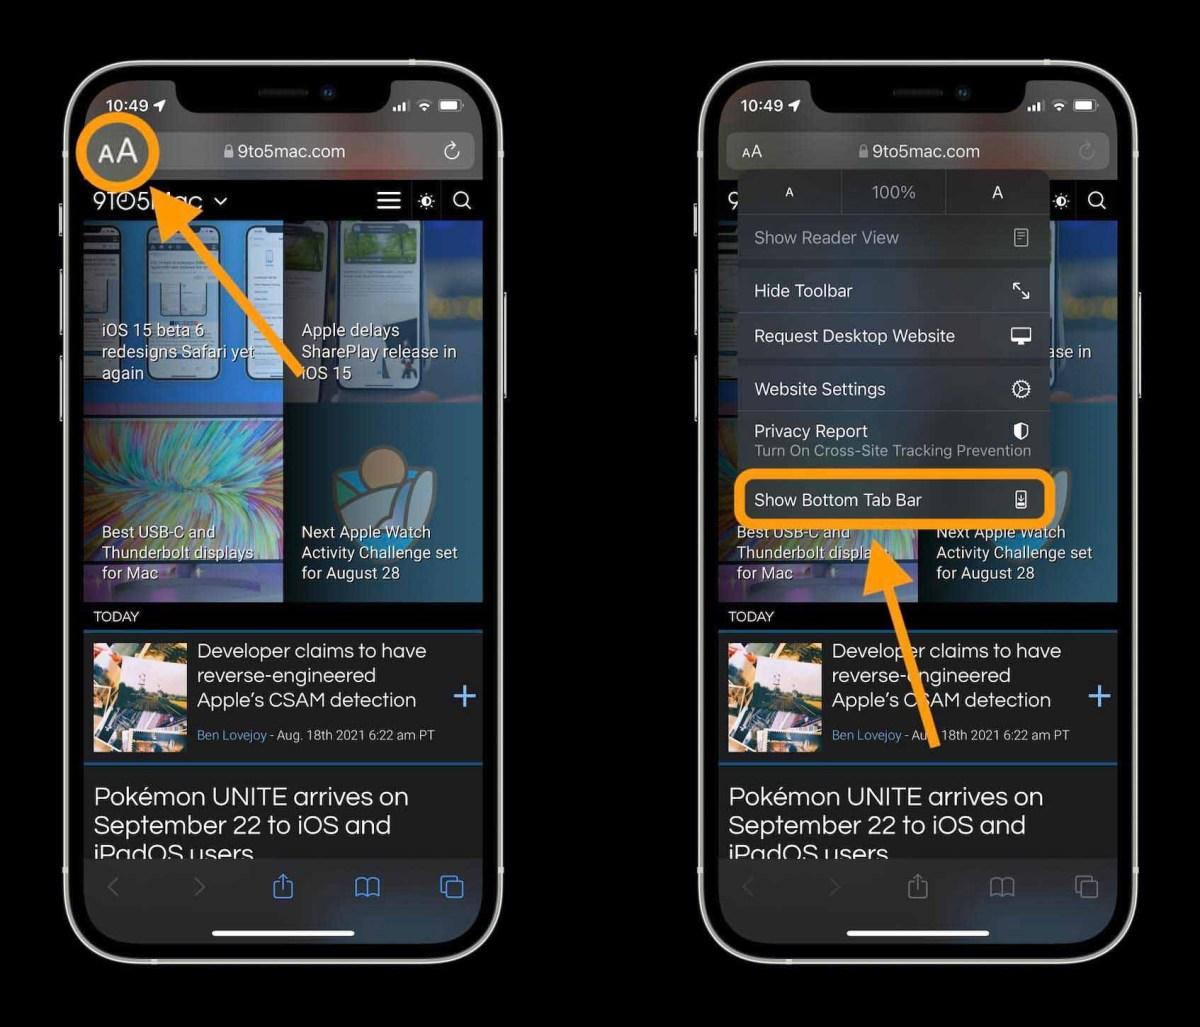 Как изменить изменить адрес / панель поиска iOS 15 Safari на iPhone, пошаговое руководство 2 - коснитесь значка A в верхнем левом углу в строке адреса / поиска и коснитесь «Показать нижнюю панель вкладок»